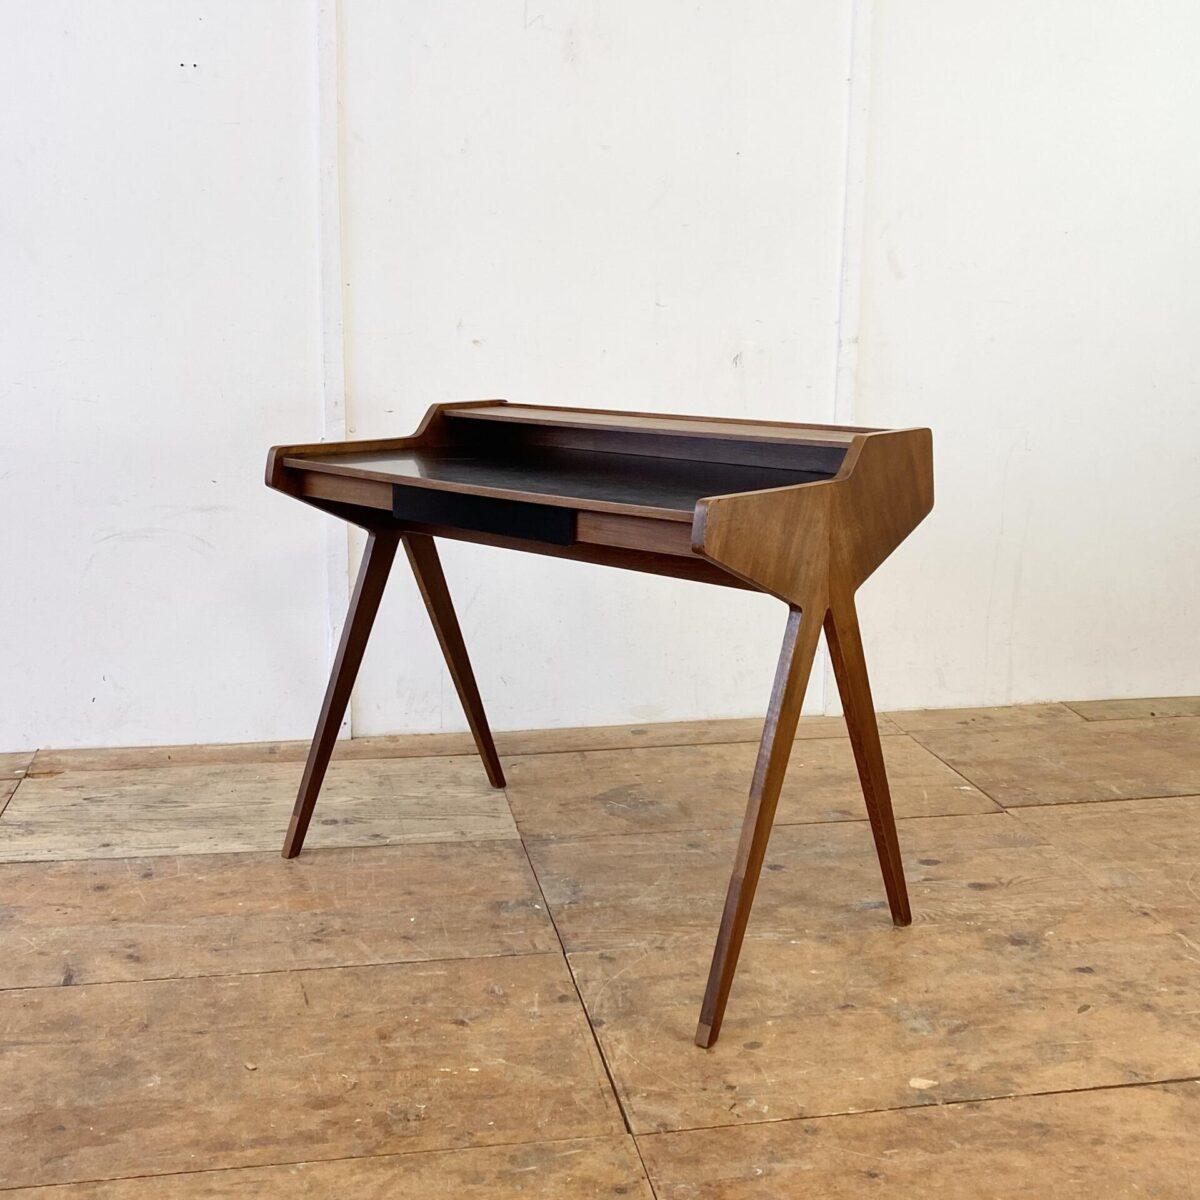 Deuxieme.shop Vintage Nussbaum Schreibtisch. 105x60cm Tischhöhe 75cm. Die Tischfläche und die Schubladen Front ist mit schwarzem Kunstharz (Kelko) Beschichtet. Diverse Furnier Ausbrüche frisch eingesetzt.